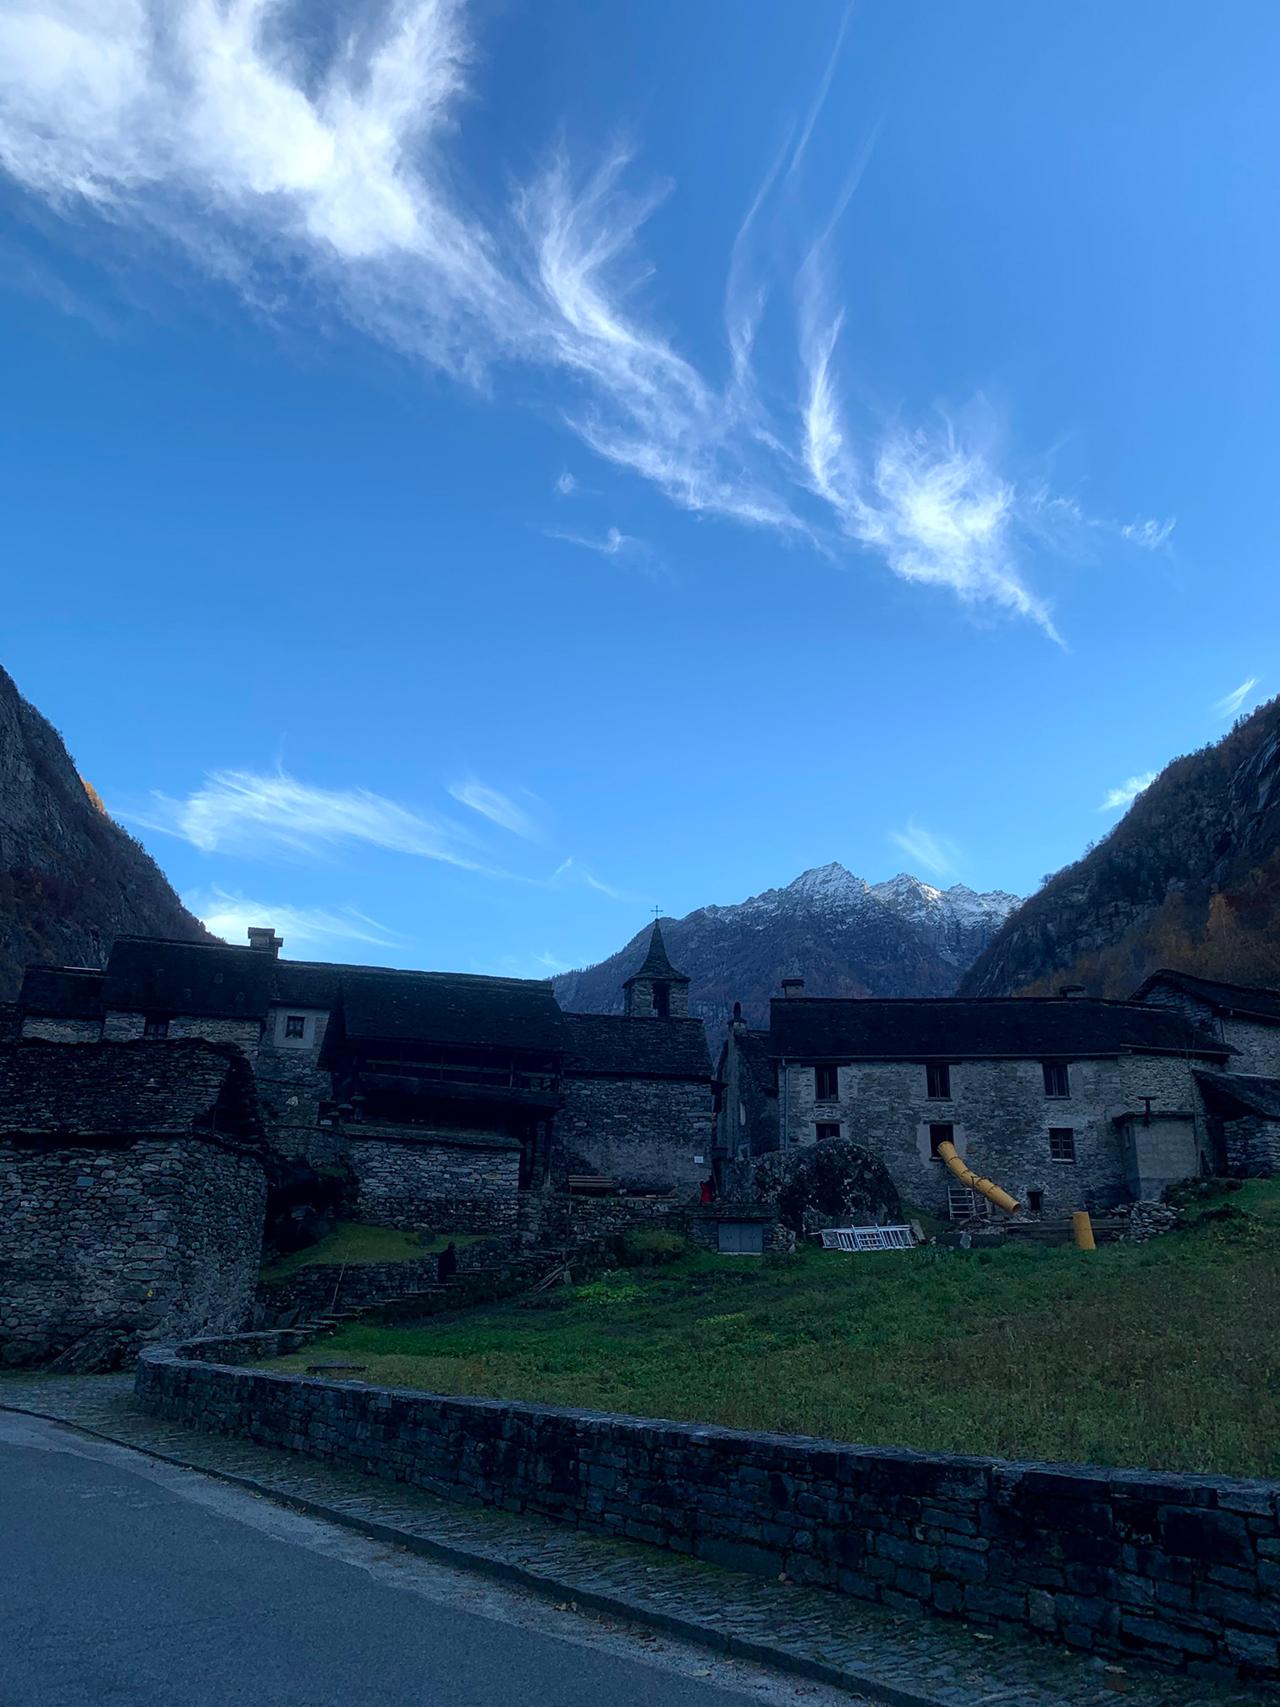 6 世界を翔けるロッククライマー・一宮大介のスイス遠征記